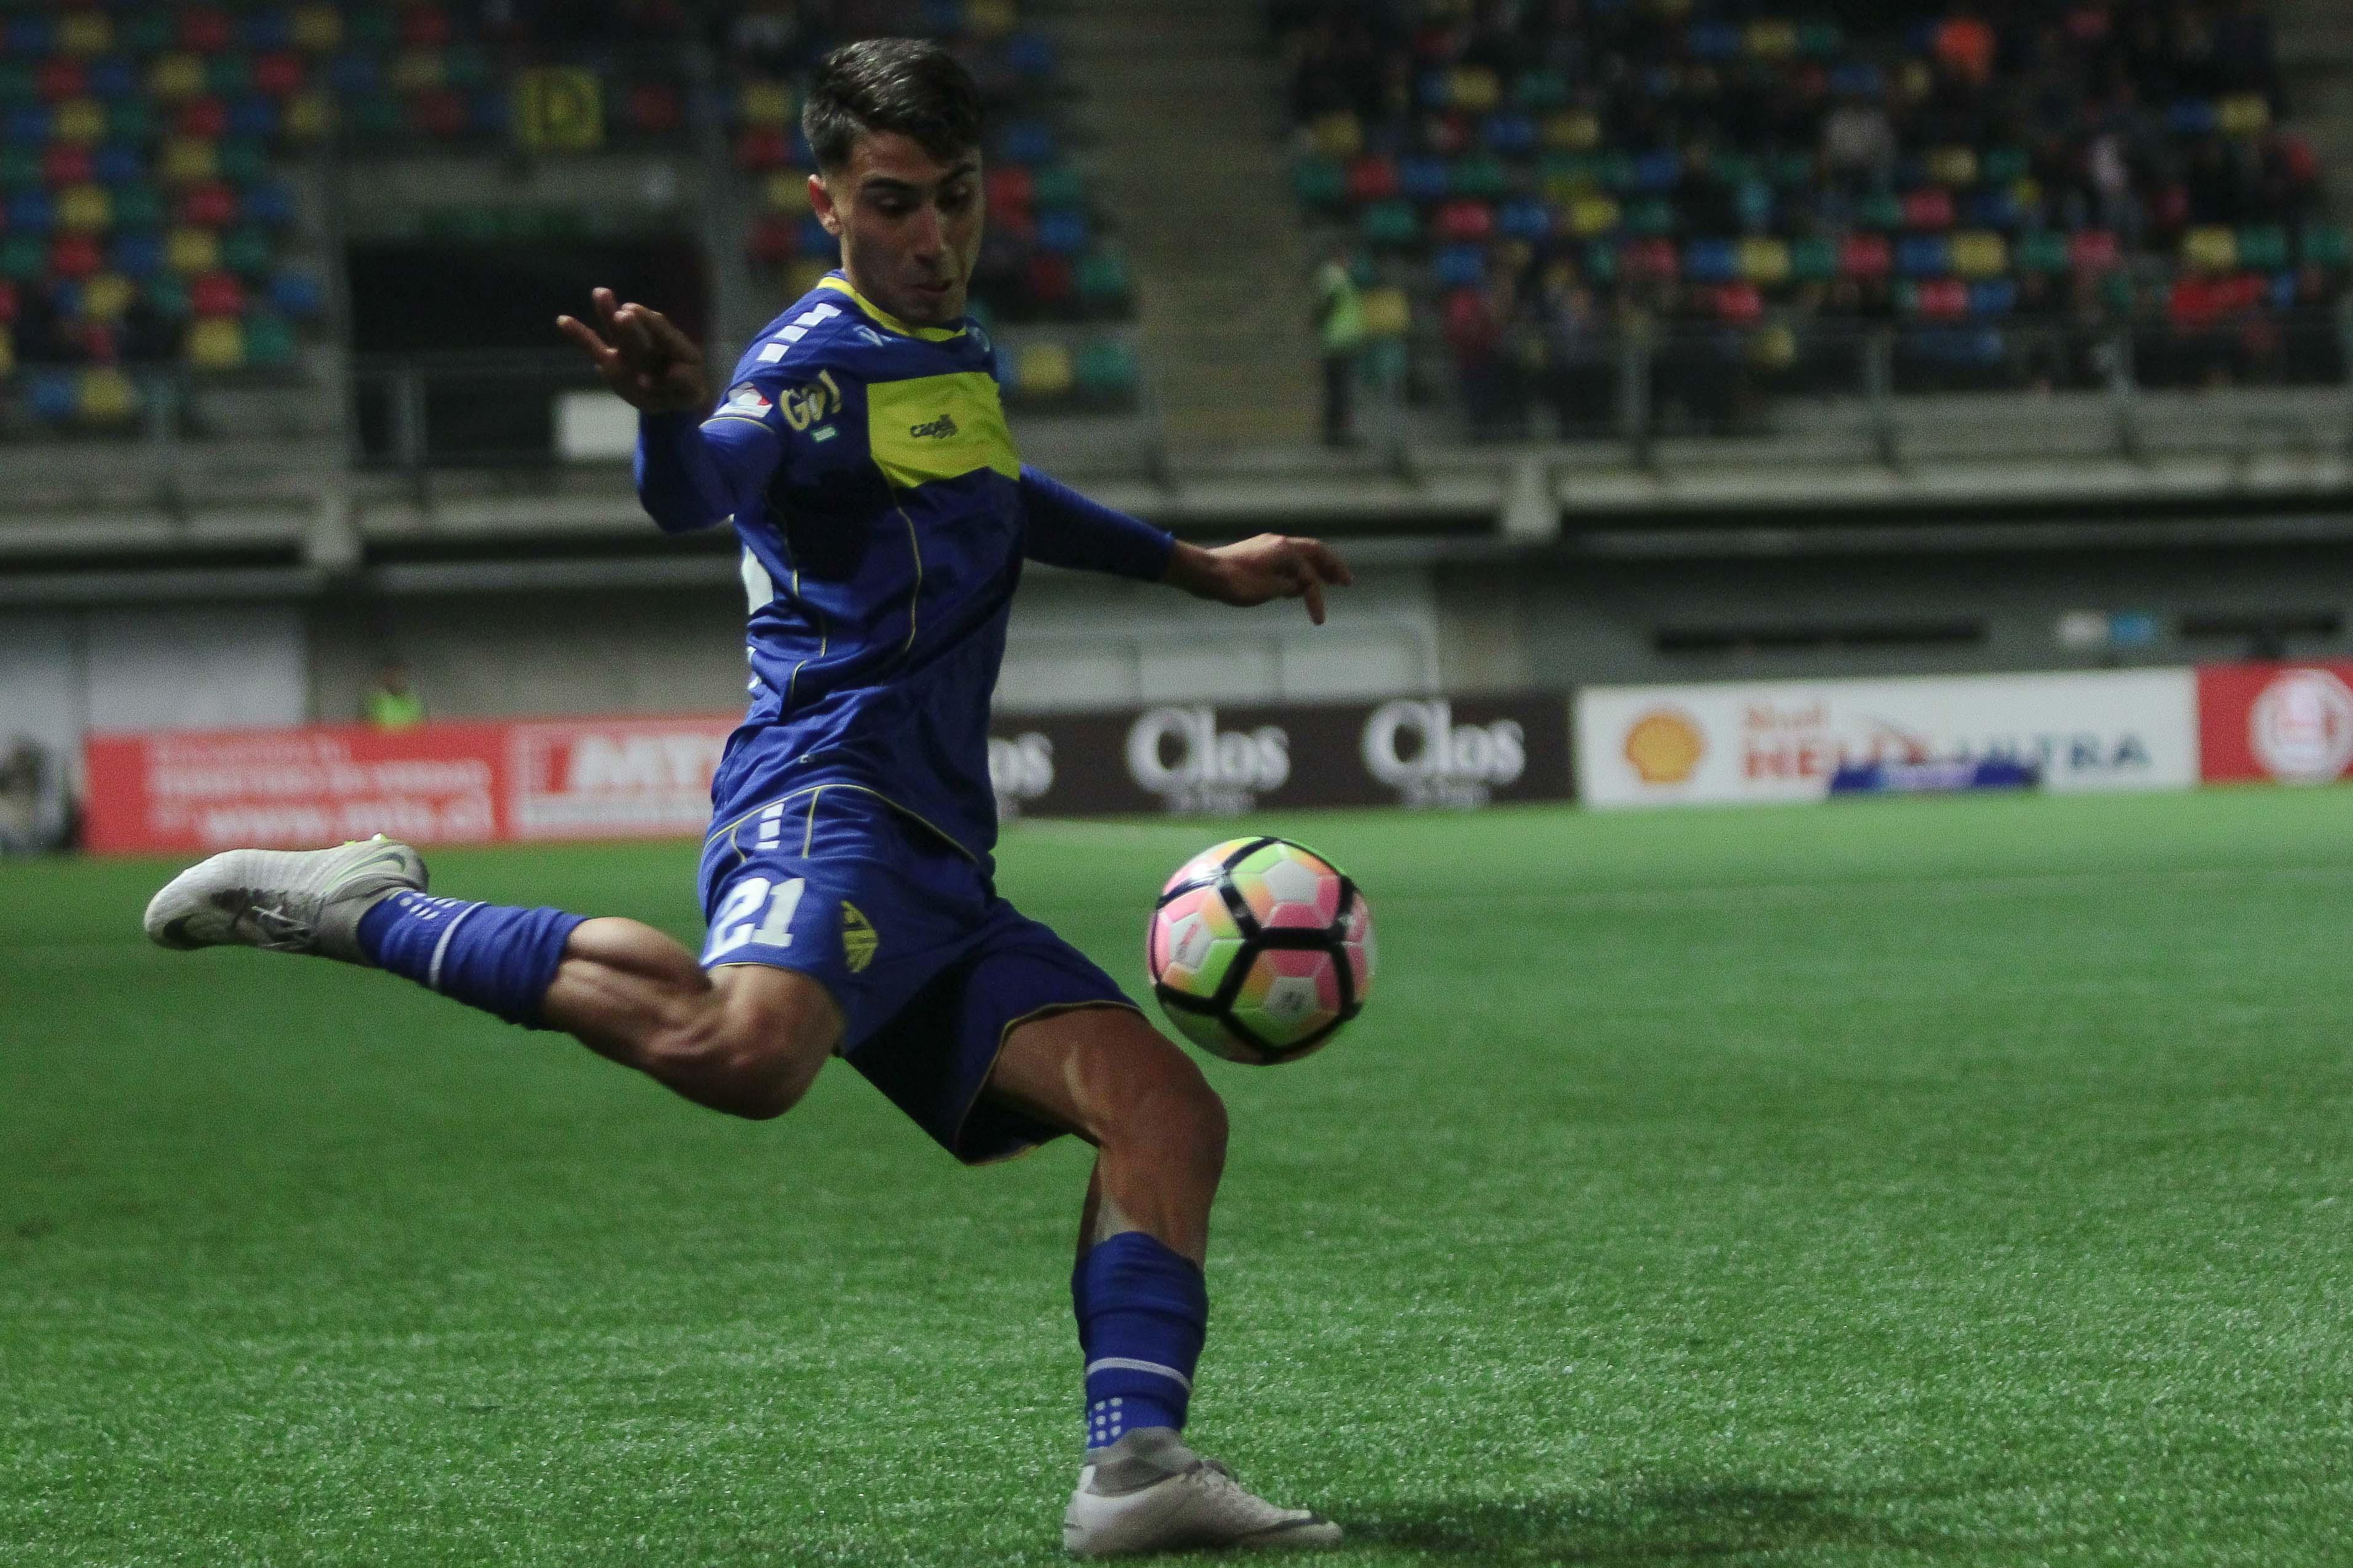 Audax Italiano 1-1 Barnechea